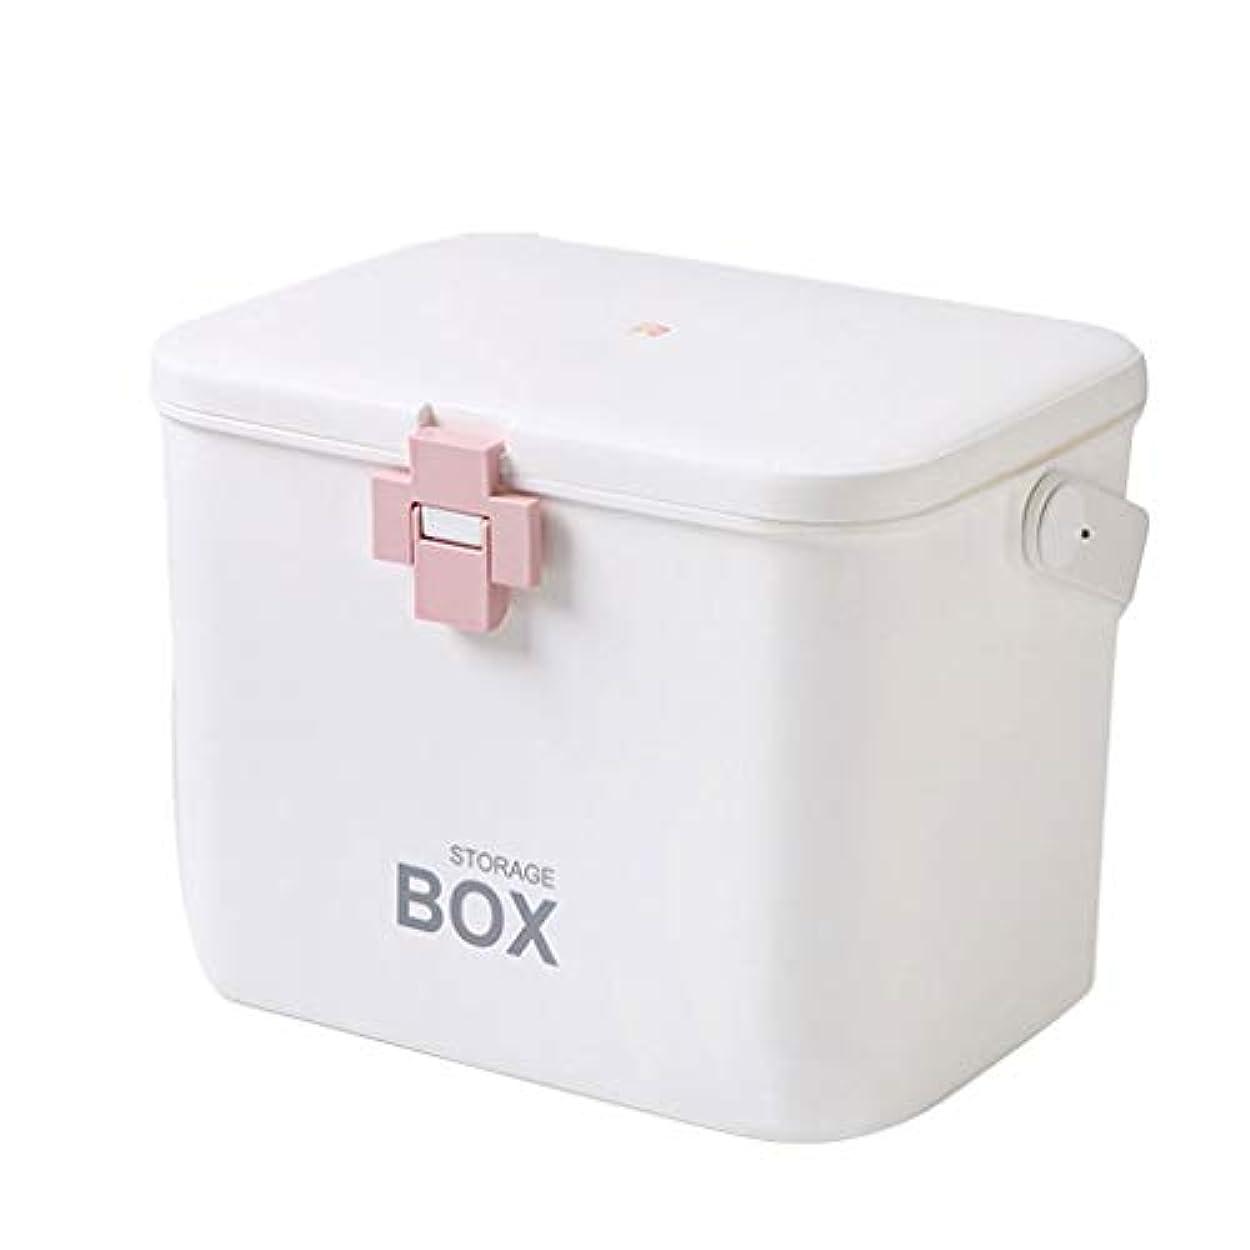 予約フェミニンいつでも大容量薬箱特大ポータブル家庭用子供多層薬箱収納ボックス HUXIUPING (Color : Pink)